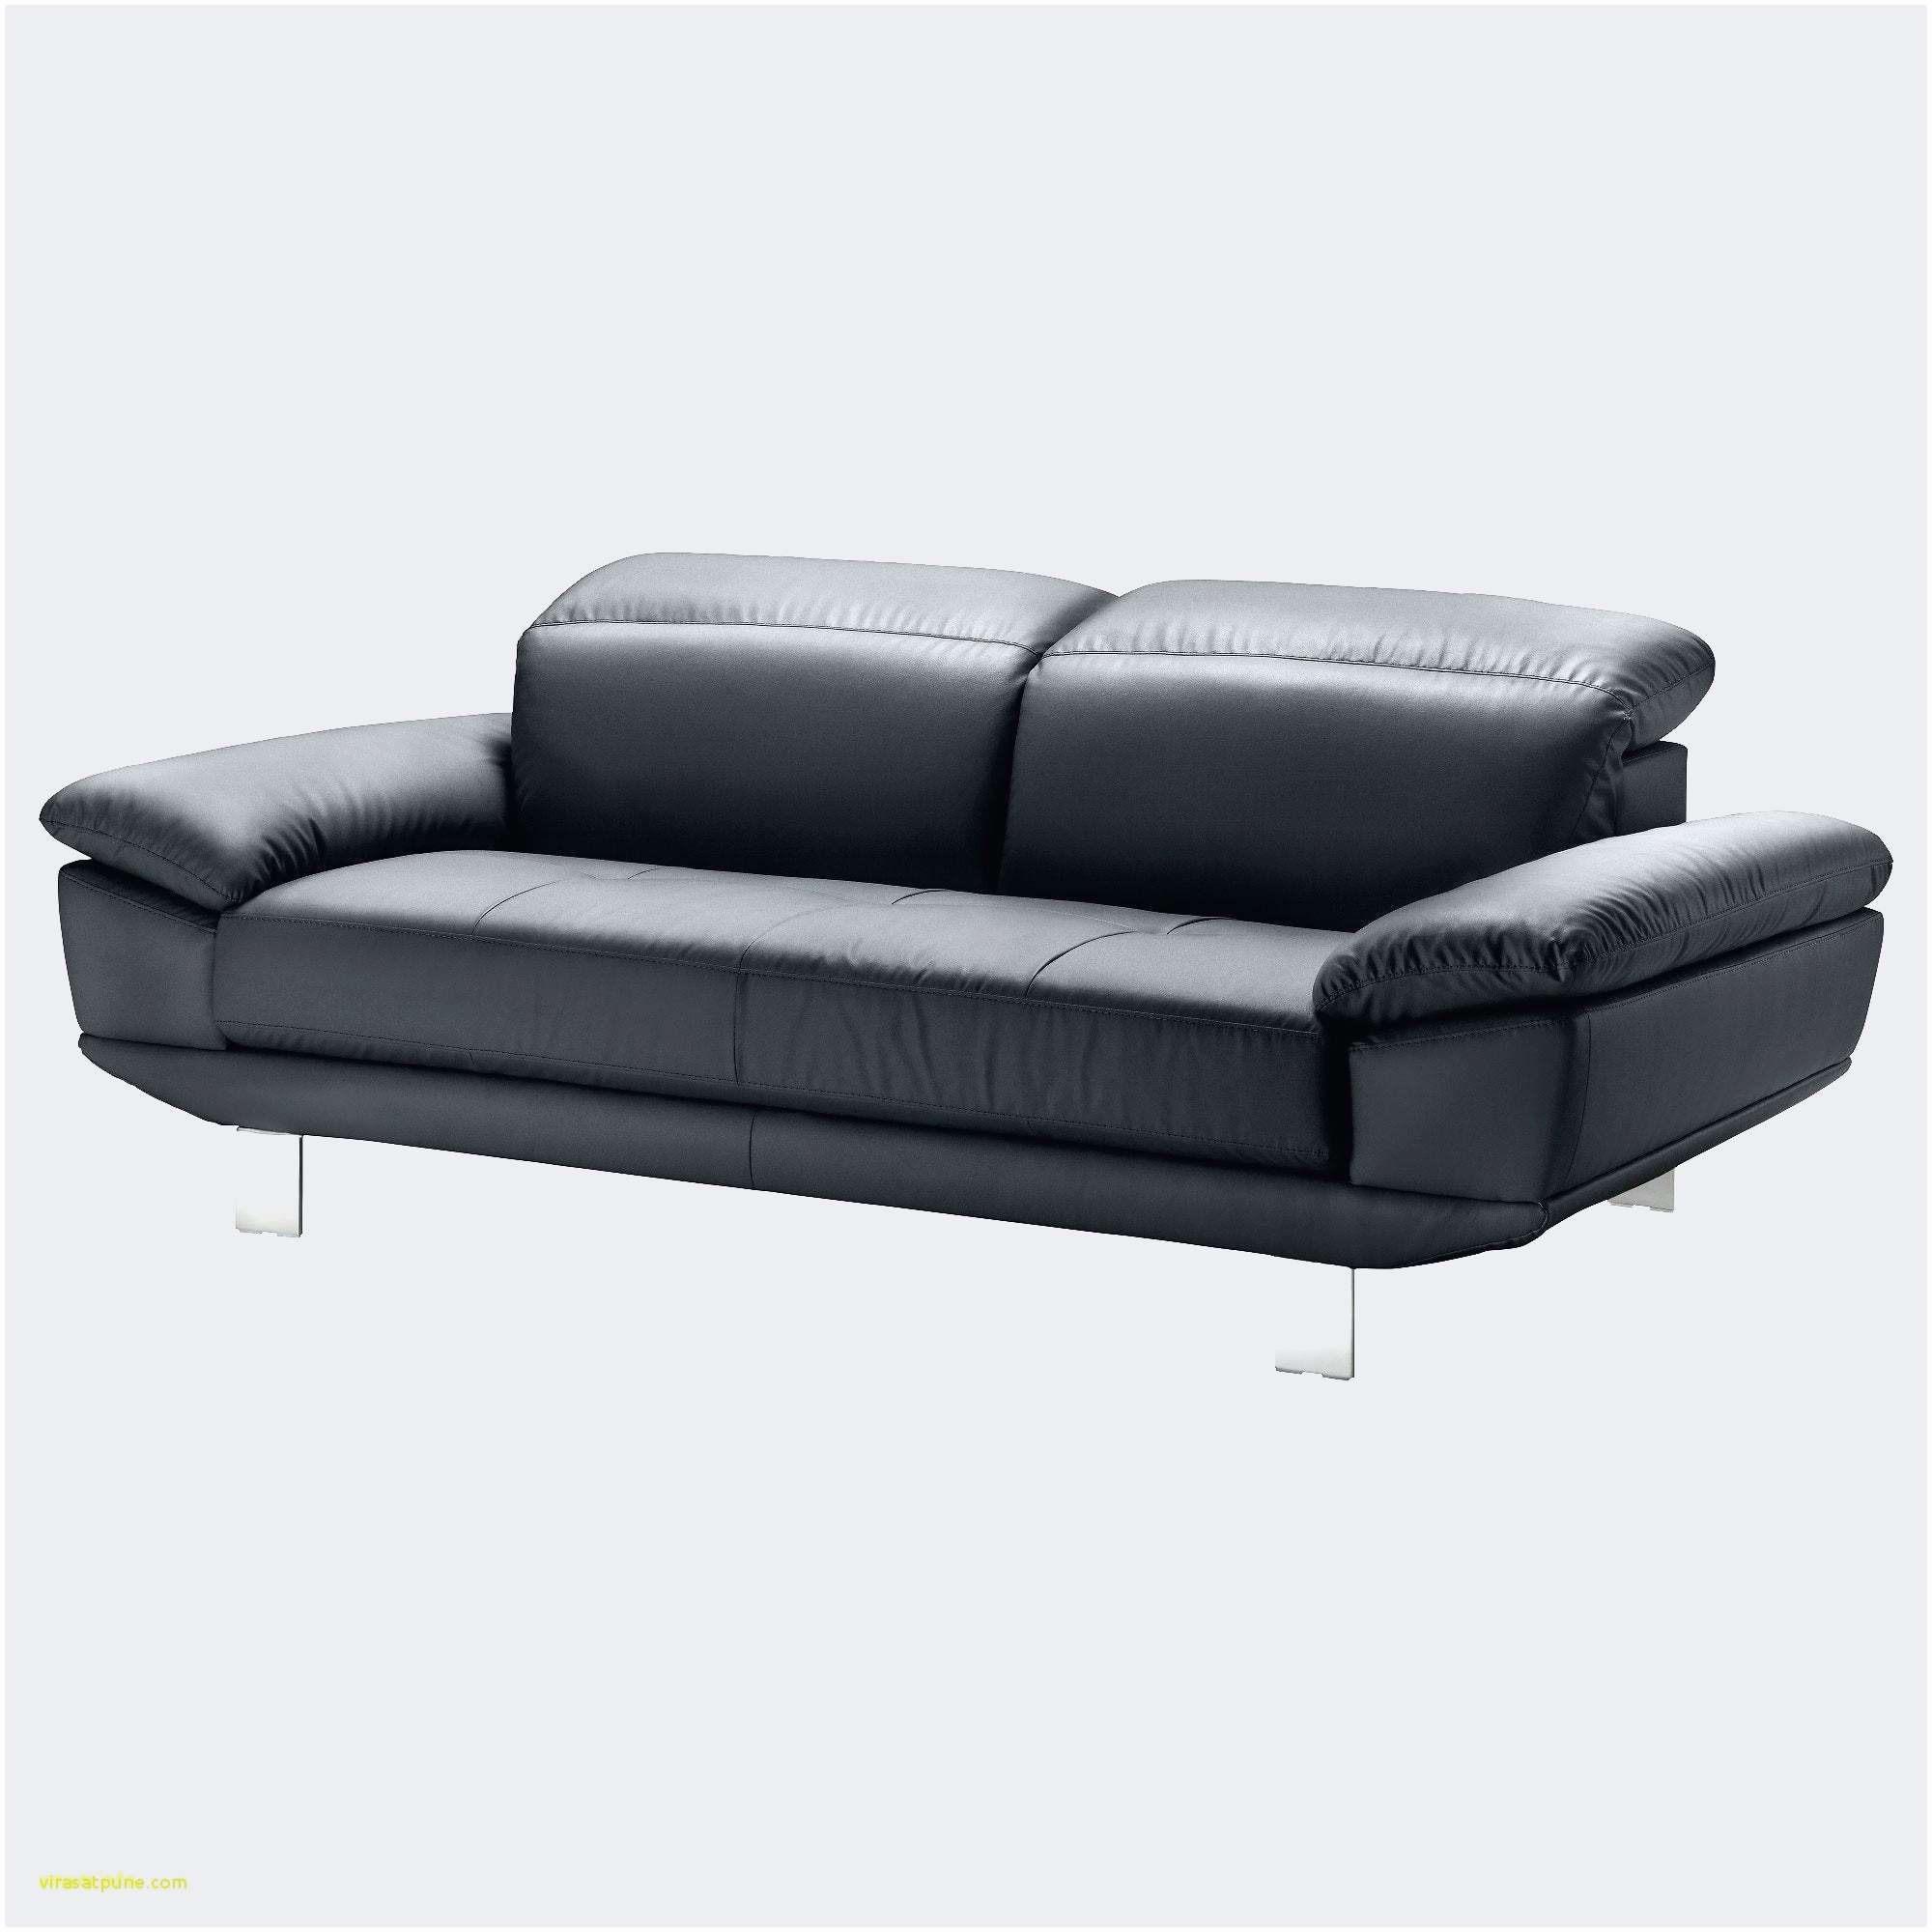 Lit Escamotable Canapé Ikea Frais Impressionnant Luxe Vente De Canapé Pour Option Canapé 2 Places Ikea